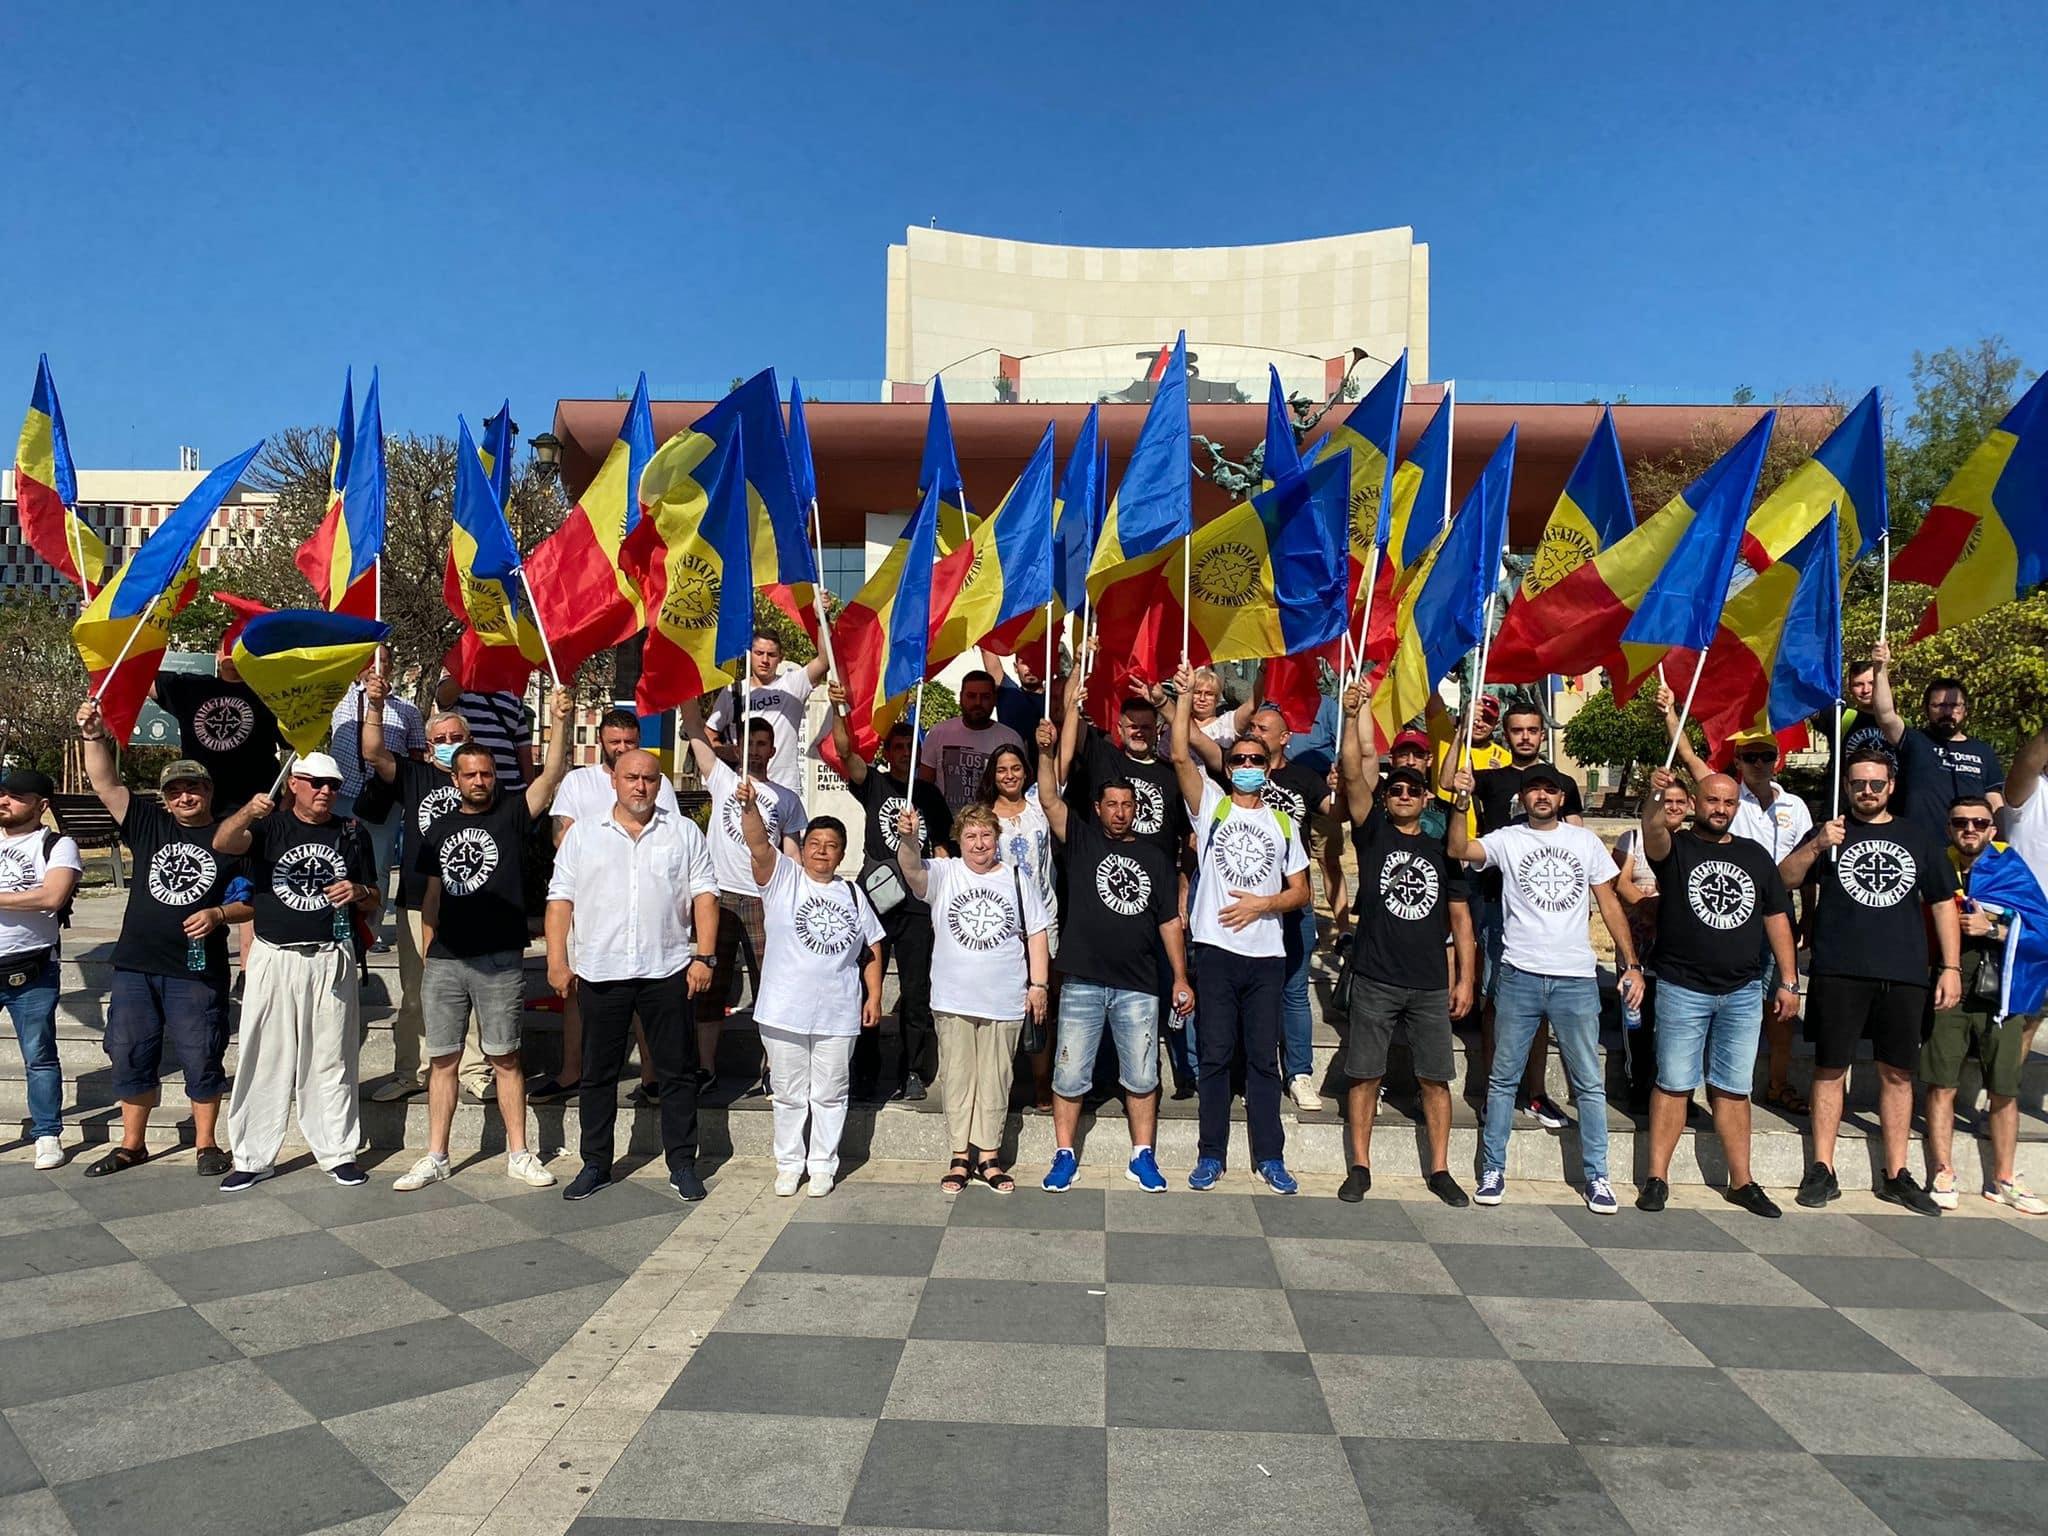 Curentul politic naționalist crește în România pe fondul eșecului partidelor tradiționale – CRITICII.RO